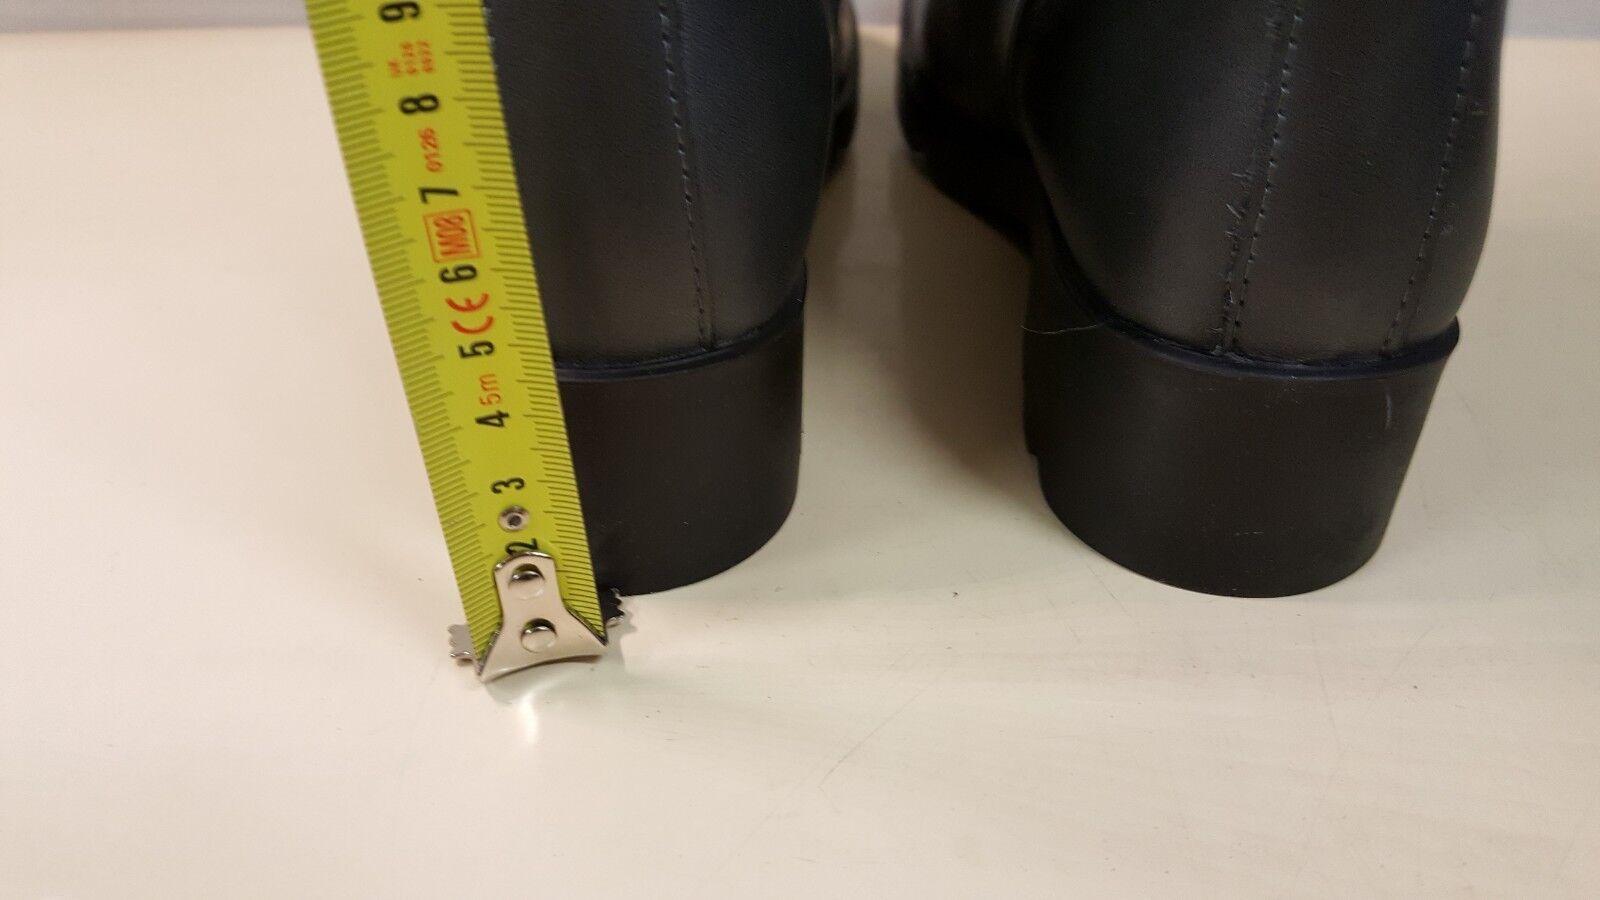 Ё 366) marcas de lujo Cinque Cinque Cinque botas de invierno cálido fell talla 37 38 41 PVP  nuevo dc5f70